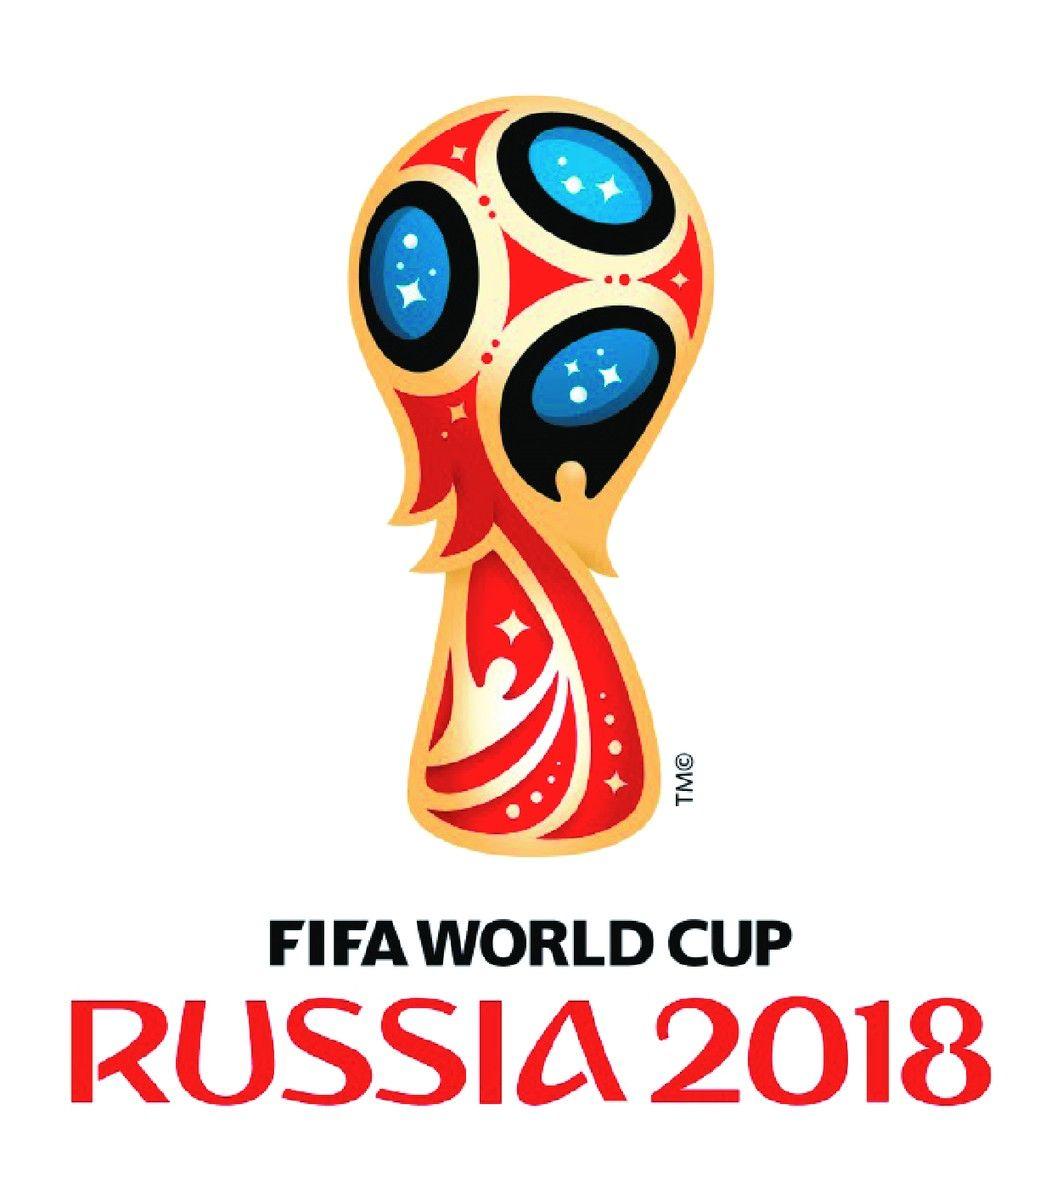 Официальная эмблема чемпионата мира по футболу в России 2018